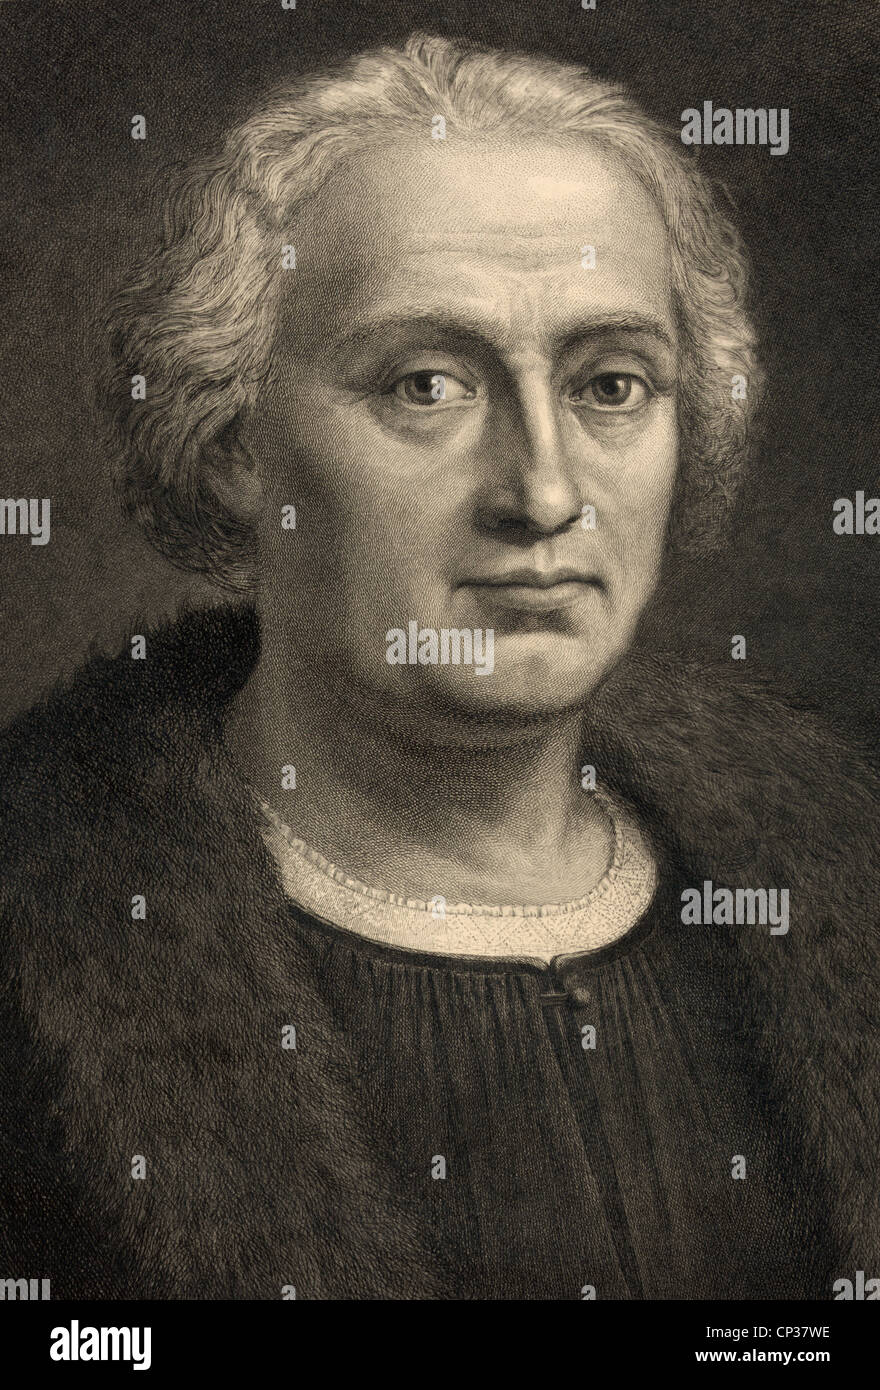 Cristóbal Colón, 1451-1506. Nacido italiano español financiado explorer descubridor de América. Foto de stock